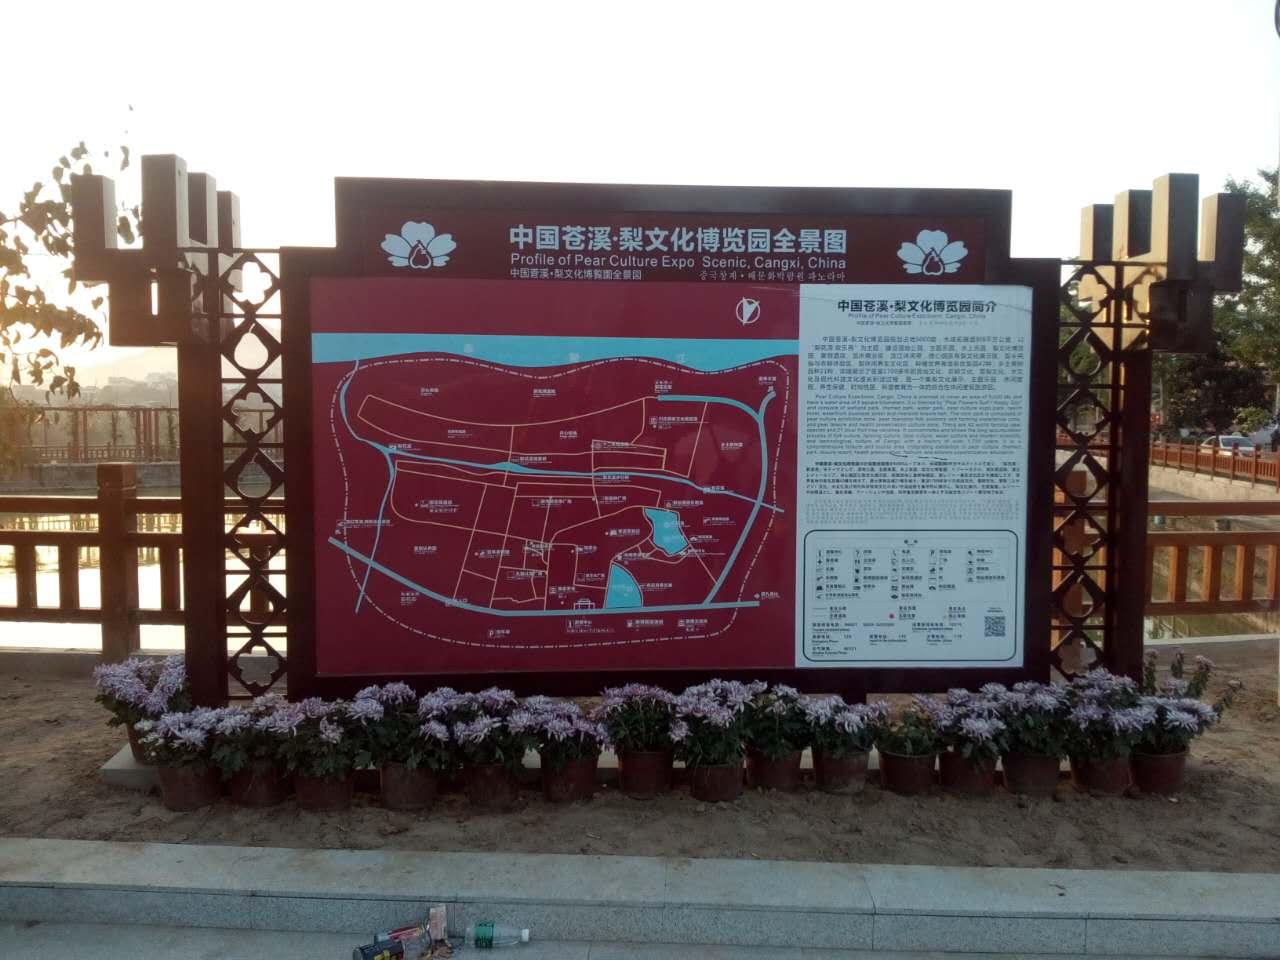 重庆景区标识标牌一般由哪些组成的?